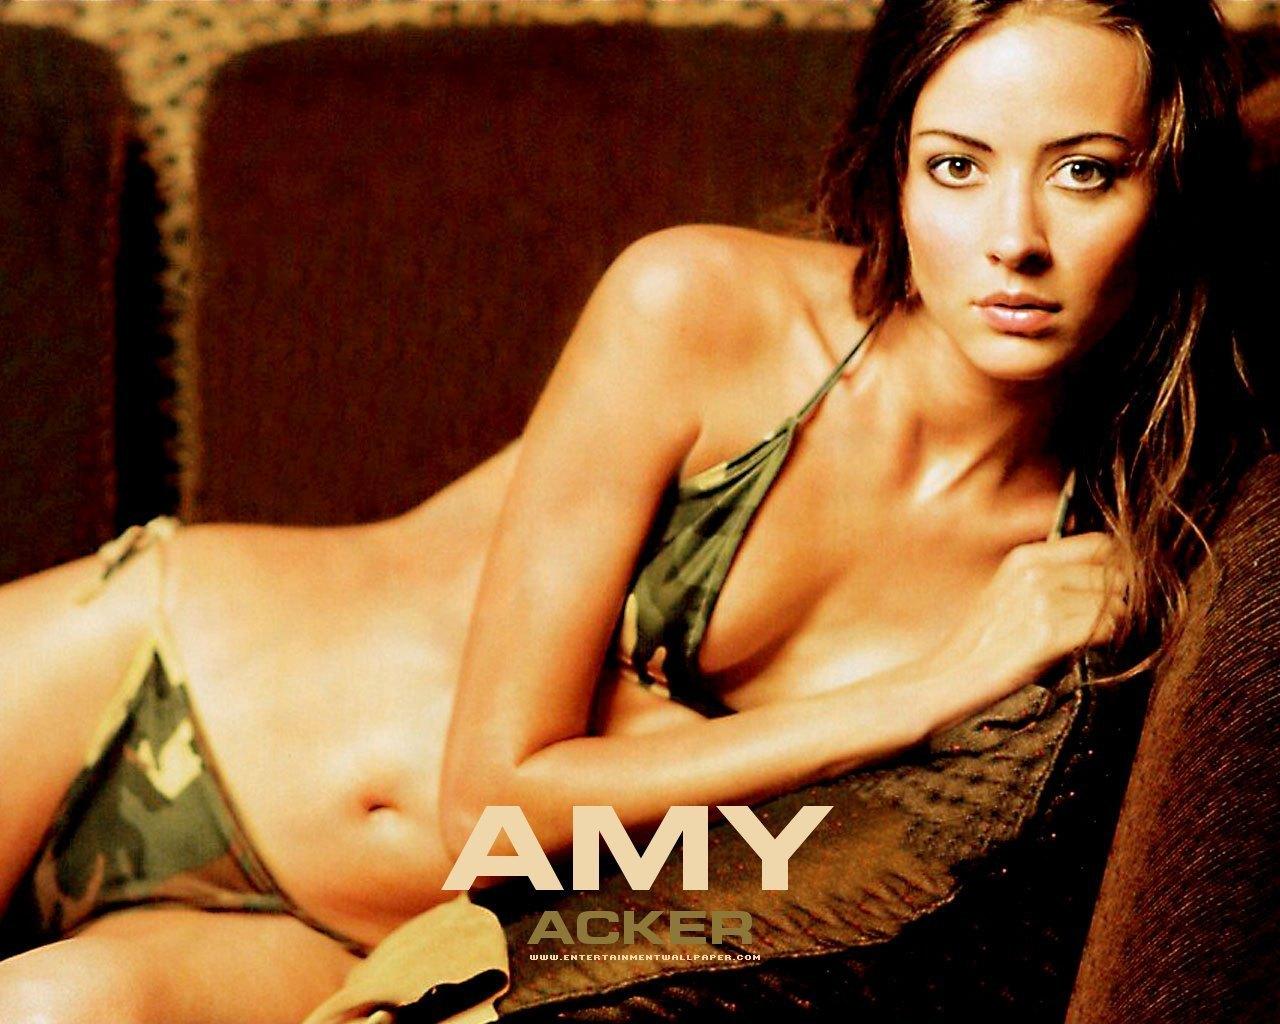 Amy Acker Amy Acker Acker Wallpaper2378787Fanpop Wallpaper2378787Fanpop Amy Wallpaper2378787Fanpop QsdCohtrxB